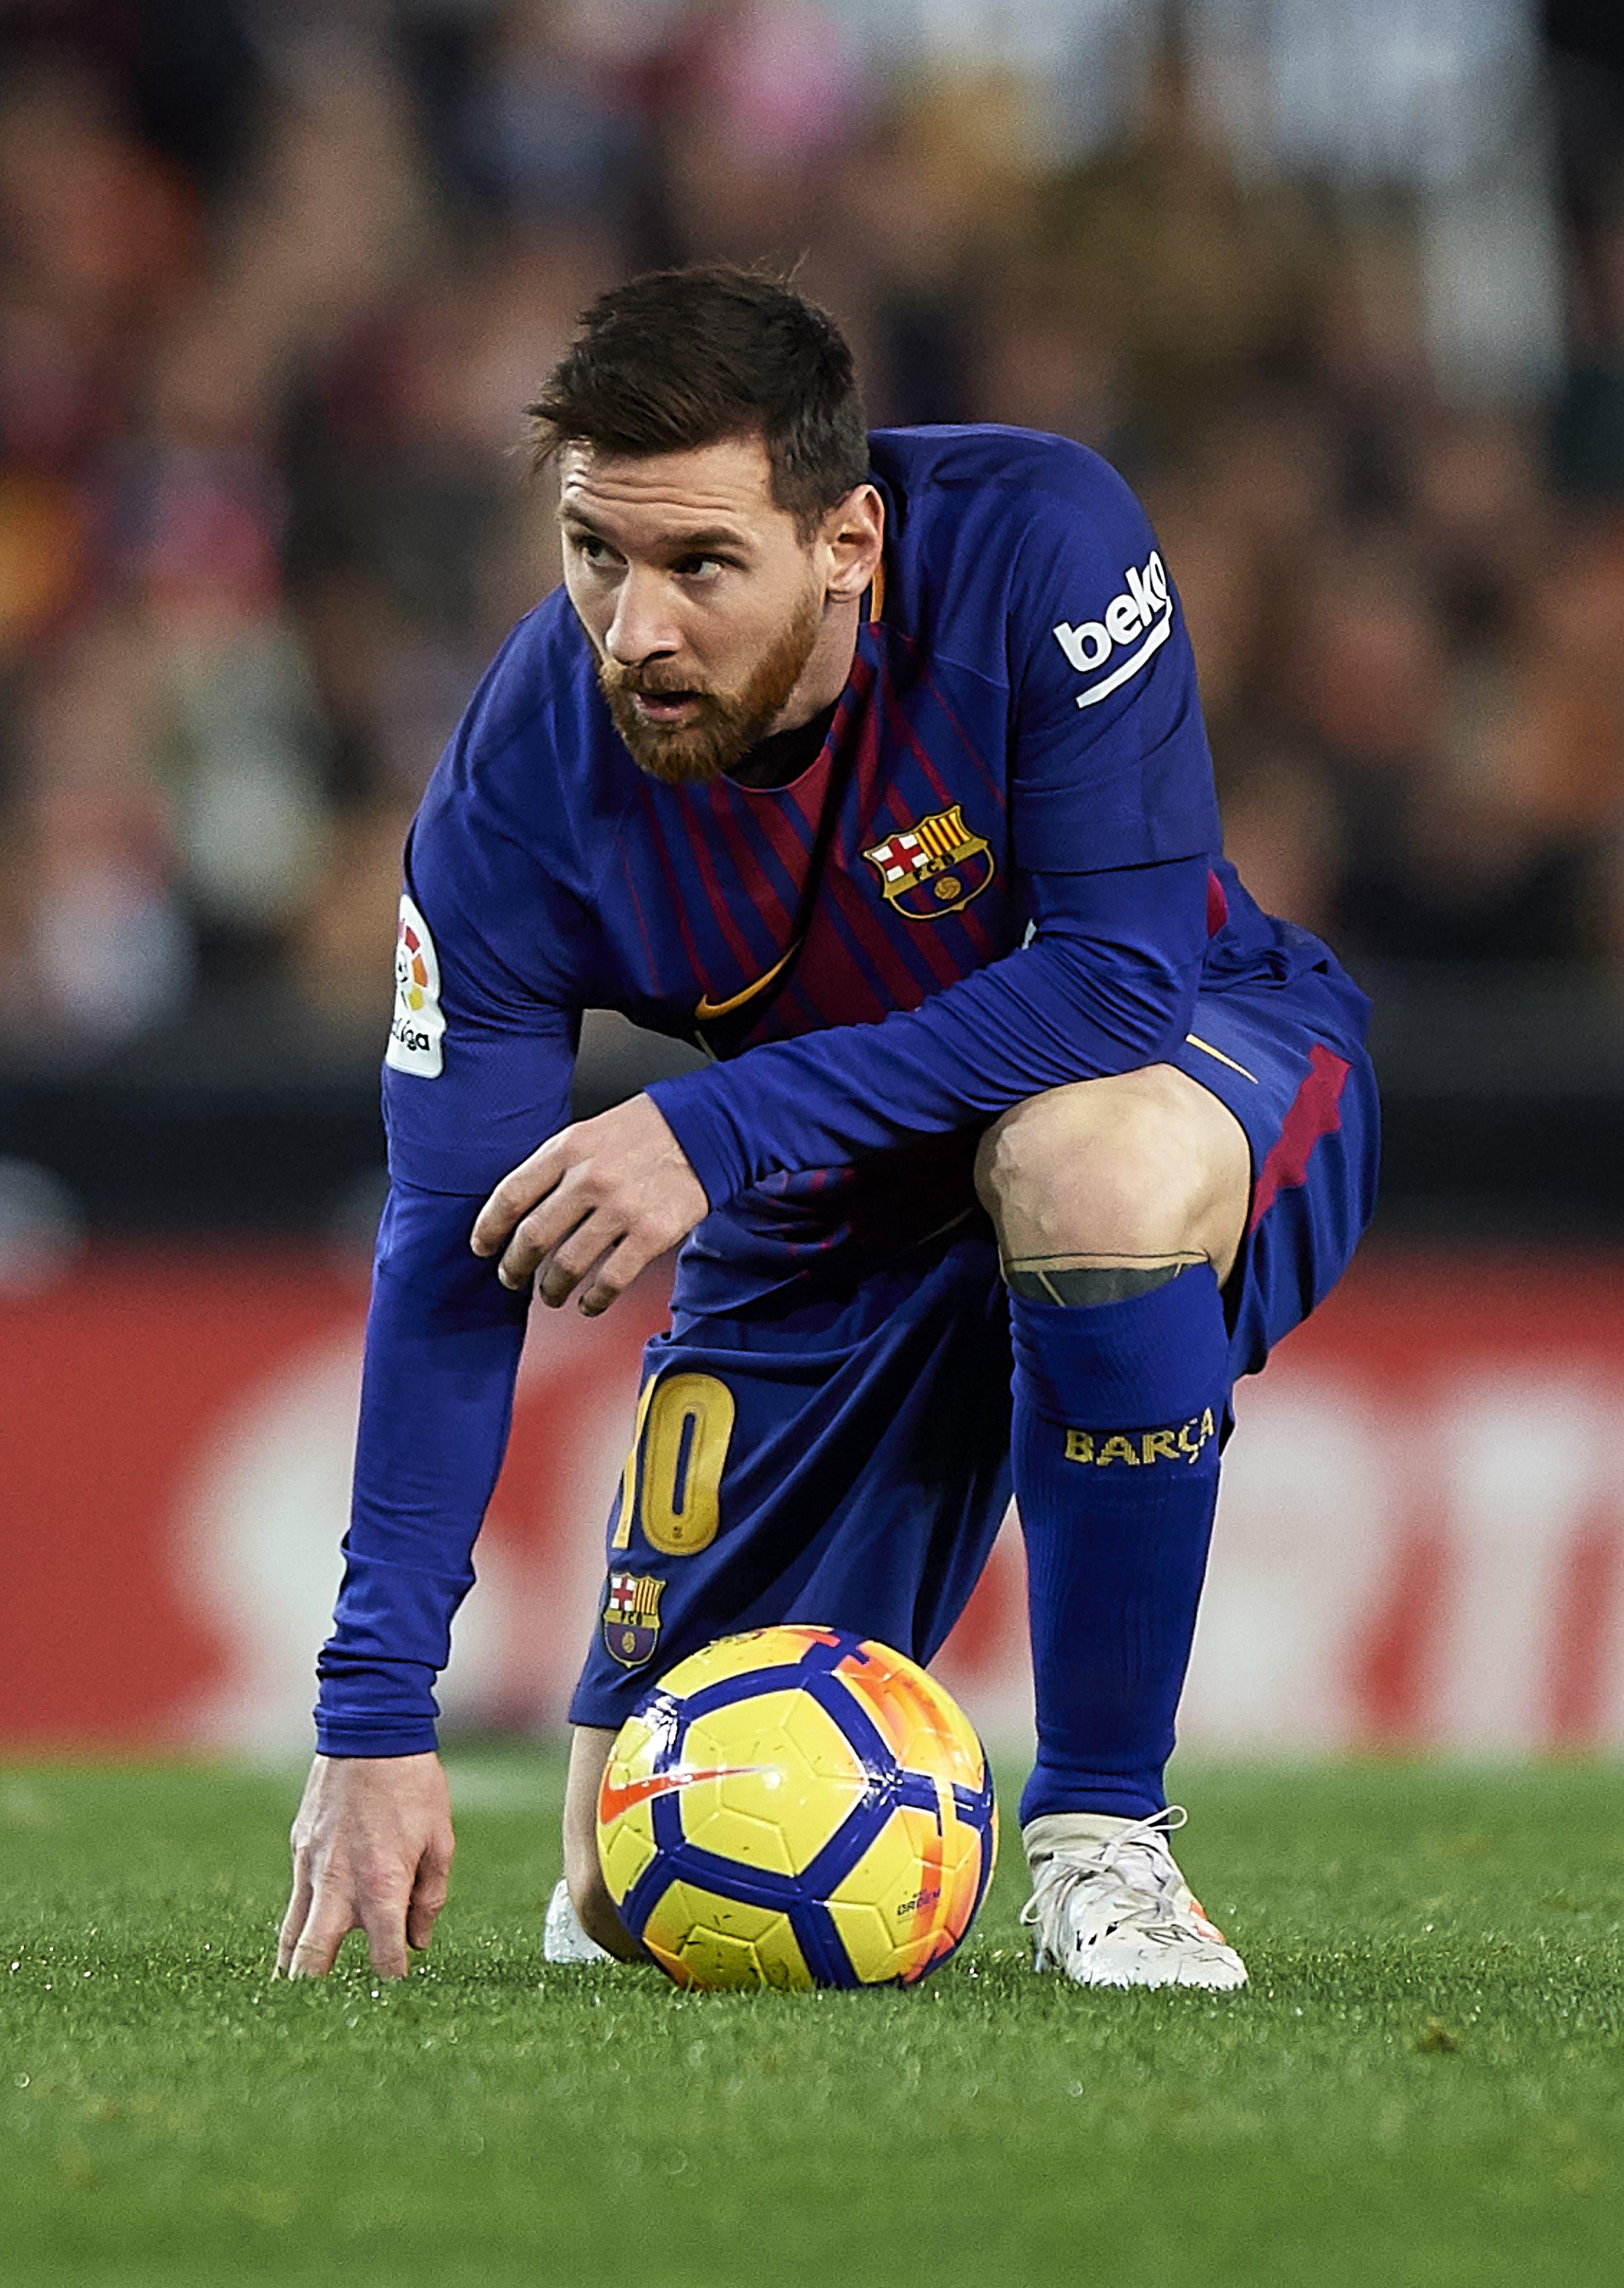 Patung Lionel Messi dirusak: Mengapa sebagian orang ...